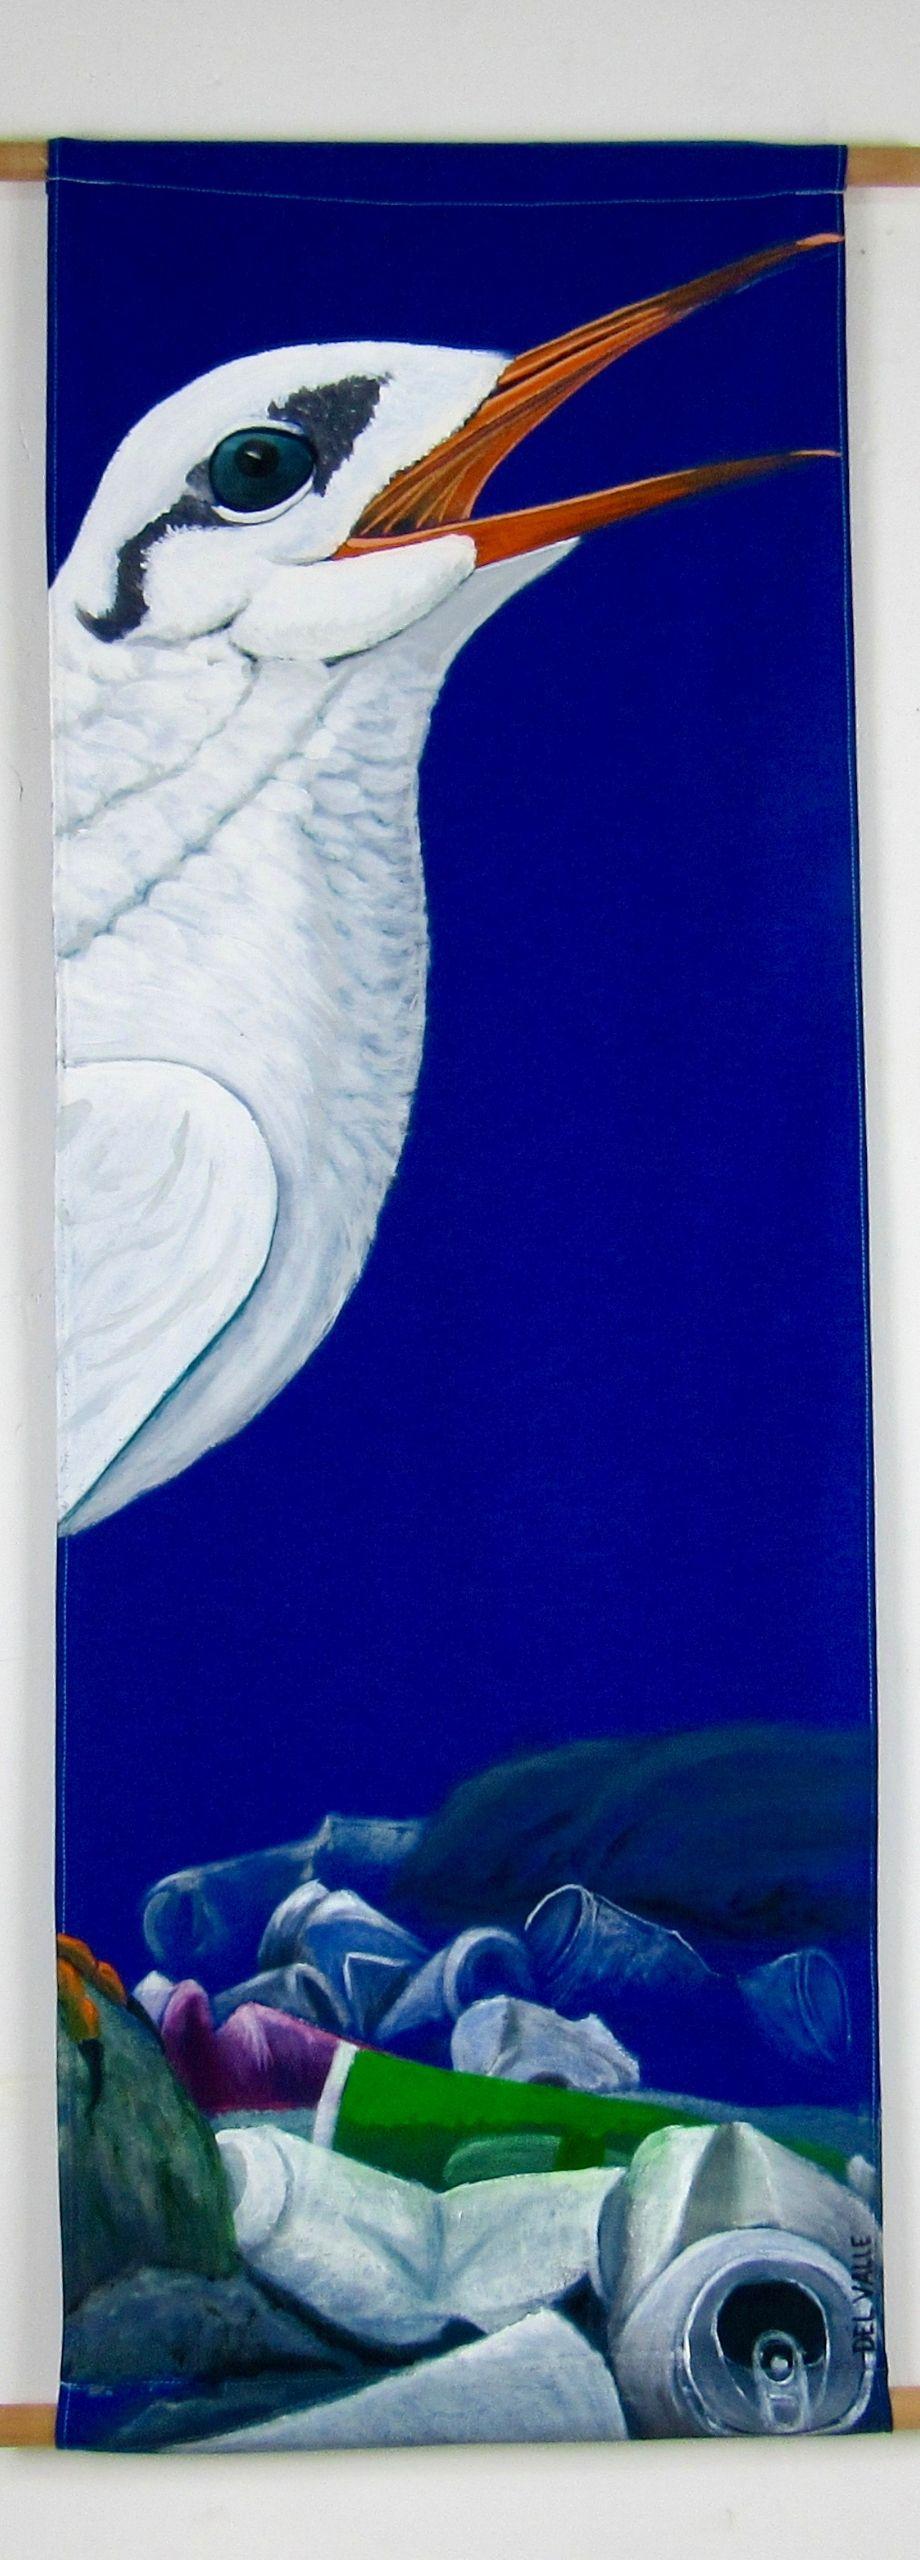 Piquerito tern bird (135x45 cm)